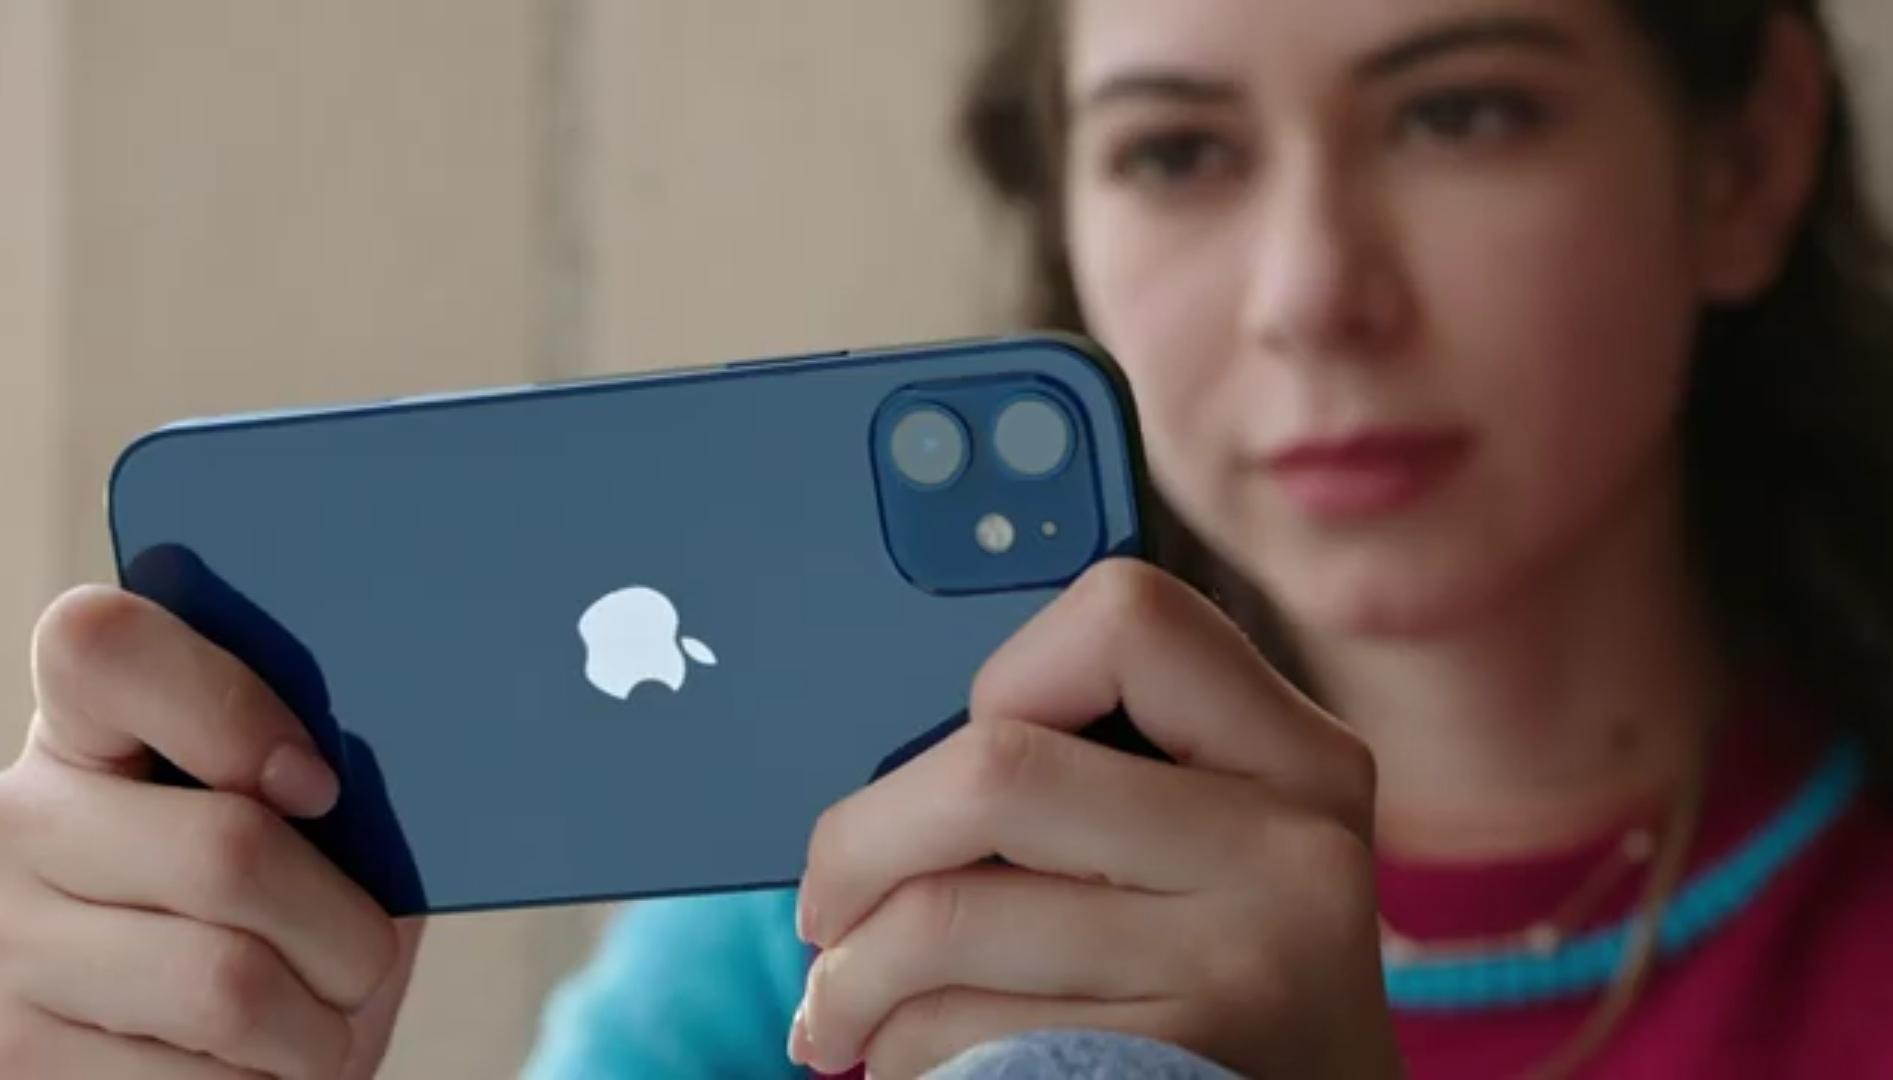 ¿Cuántos días debe trabajar un mexicano para comprar el nuevo iPhone 12?